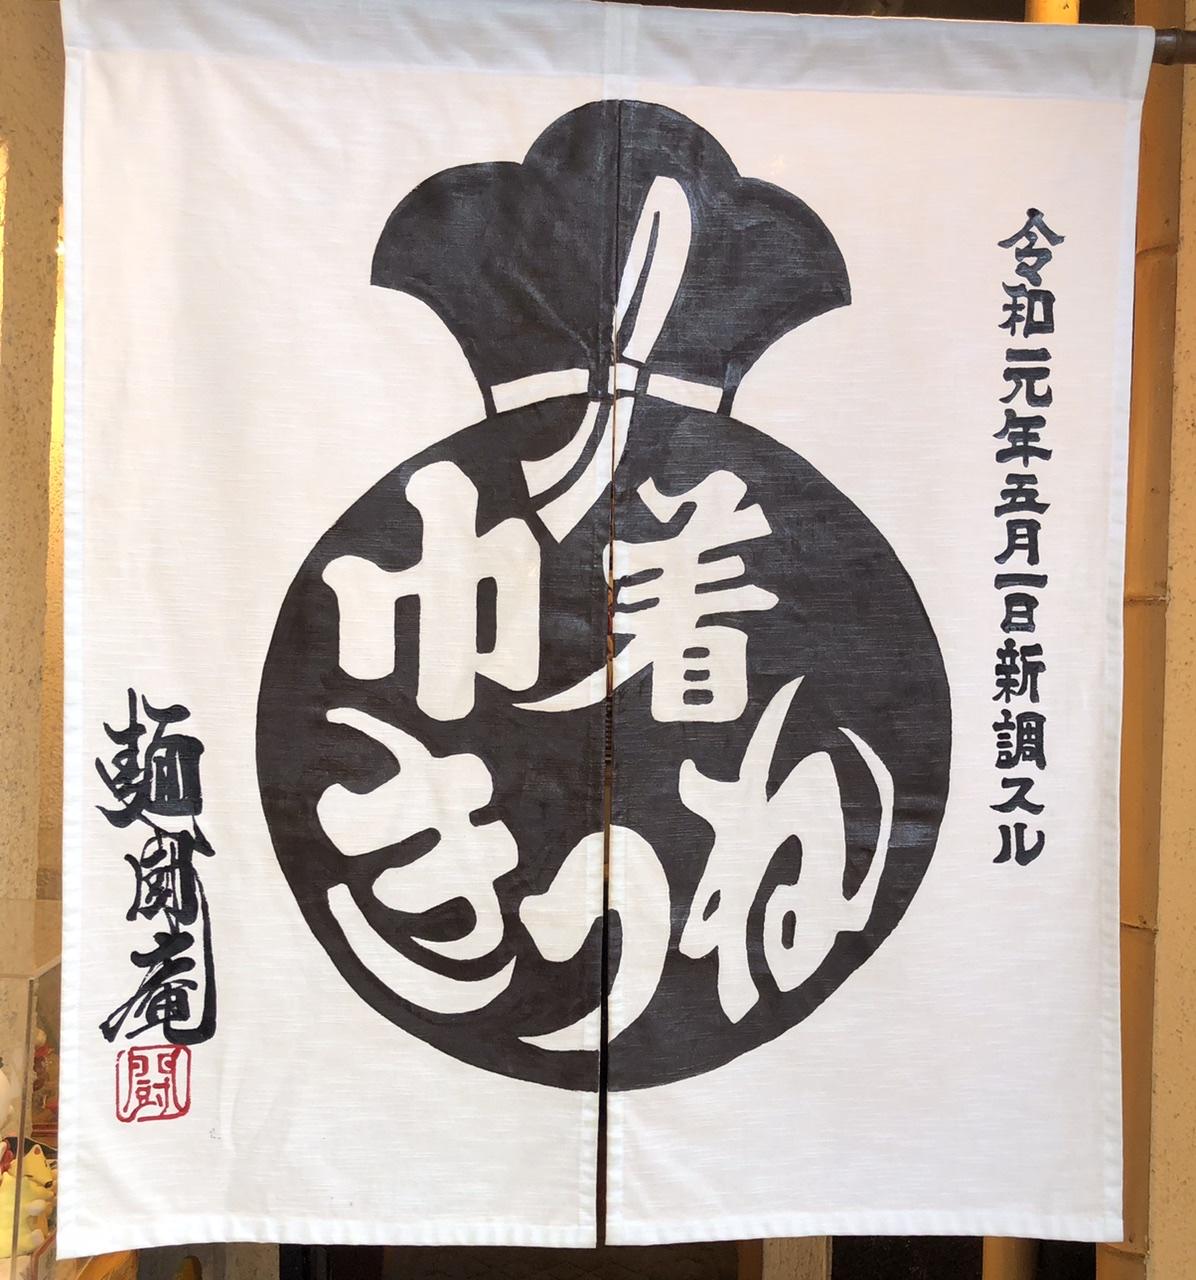 麺闘庵の暖簾